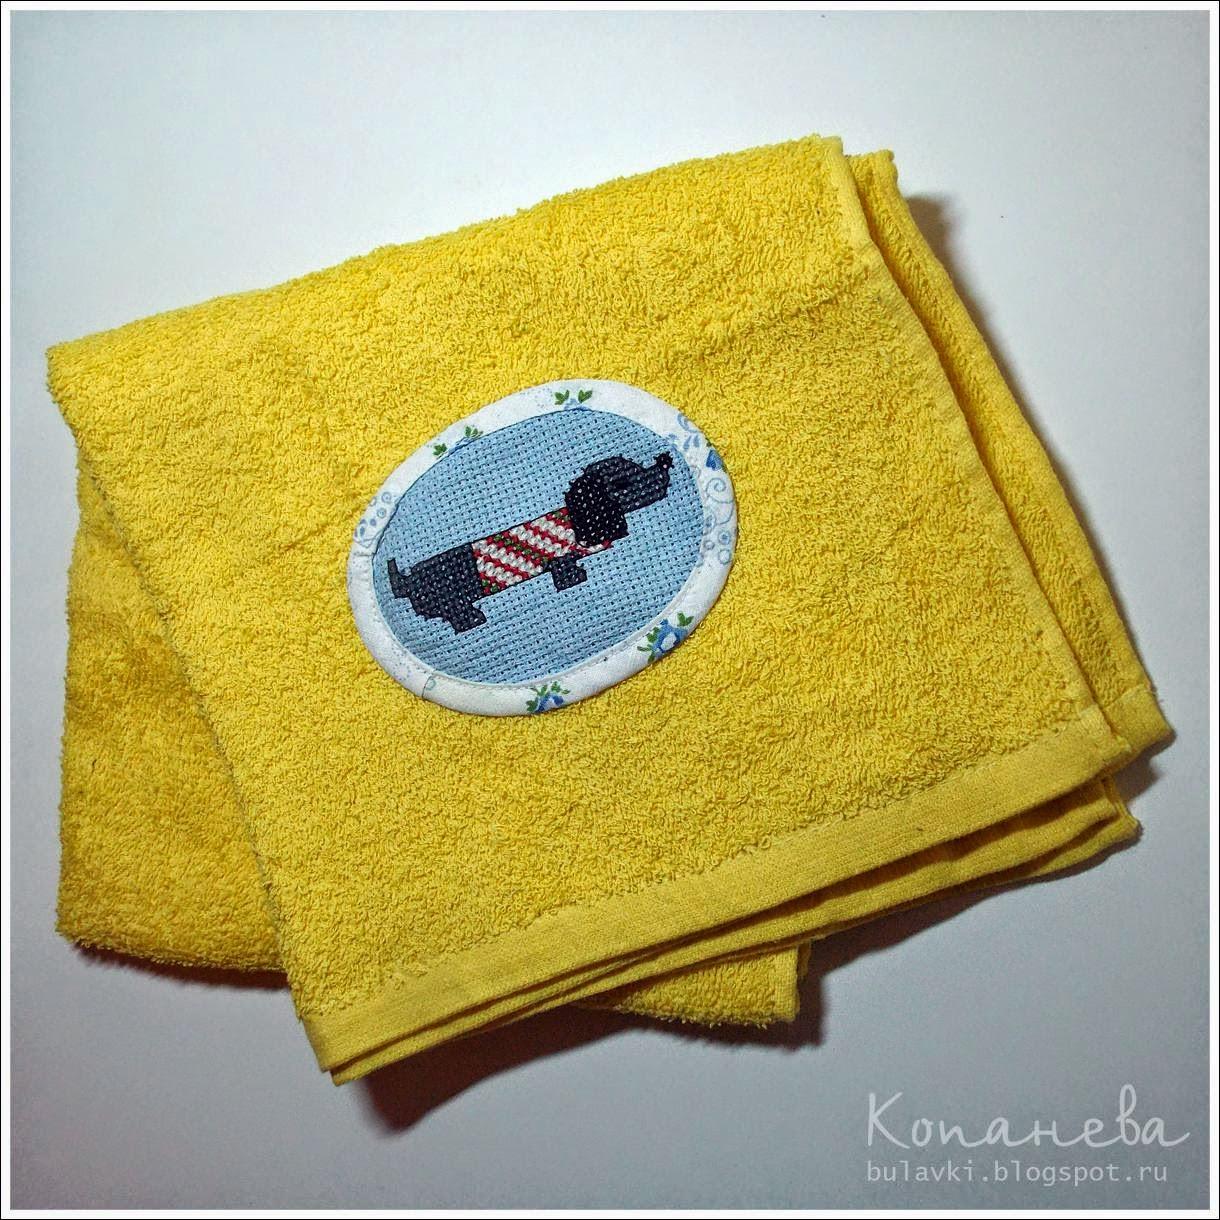 Вышитое украшение на полотенце